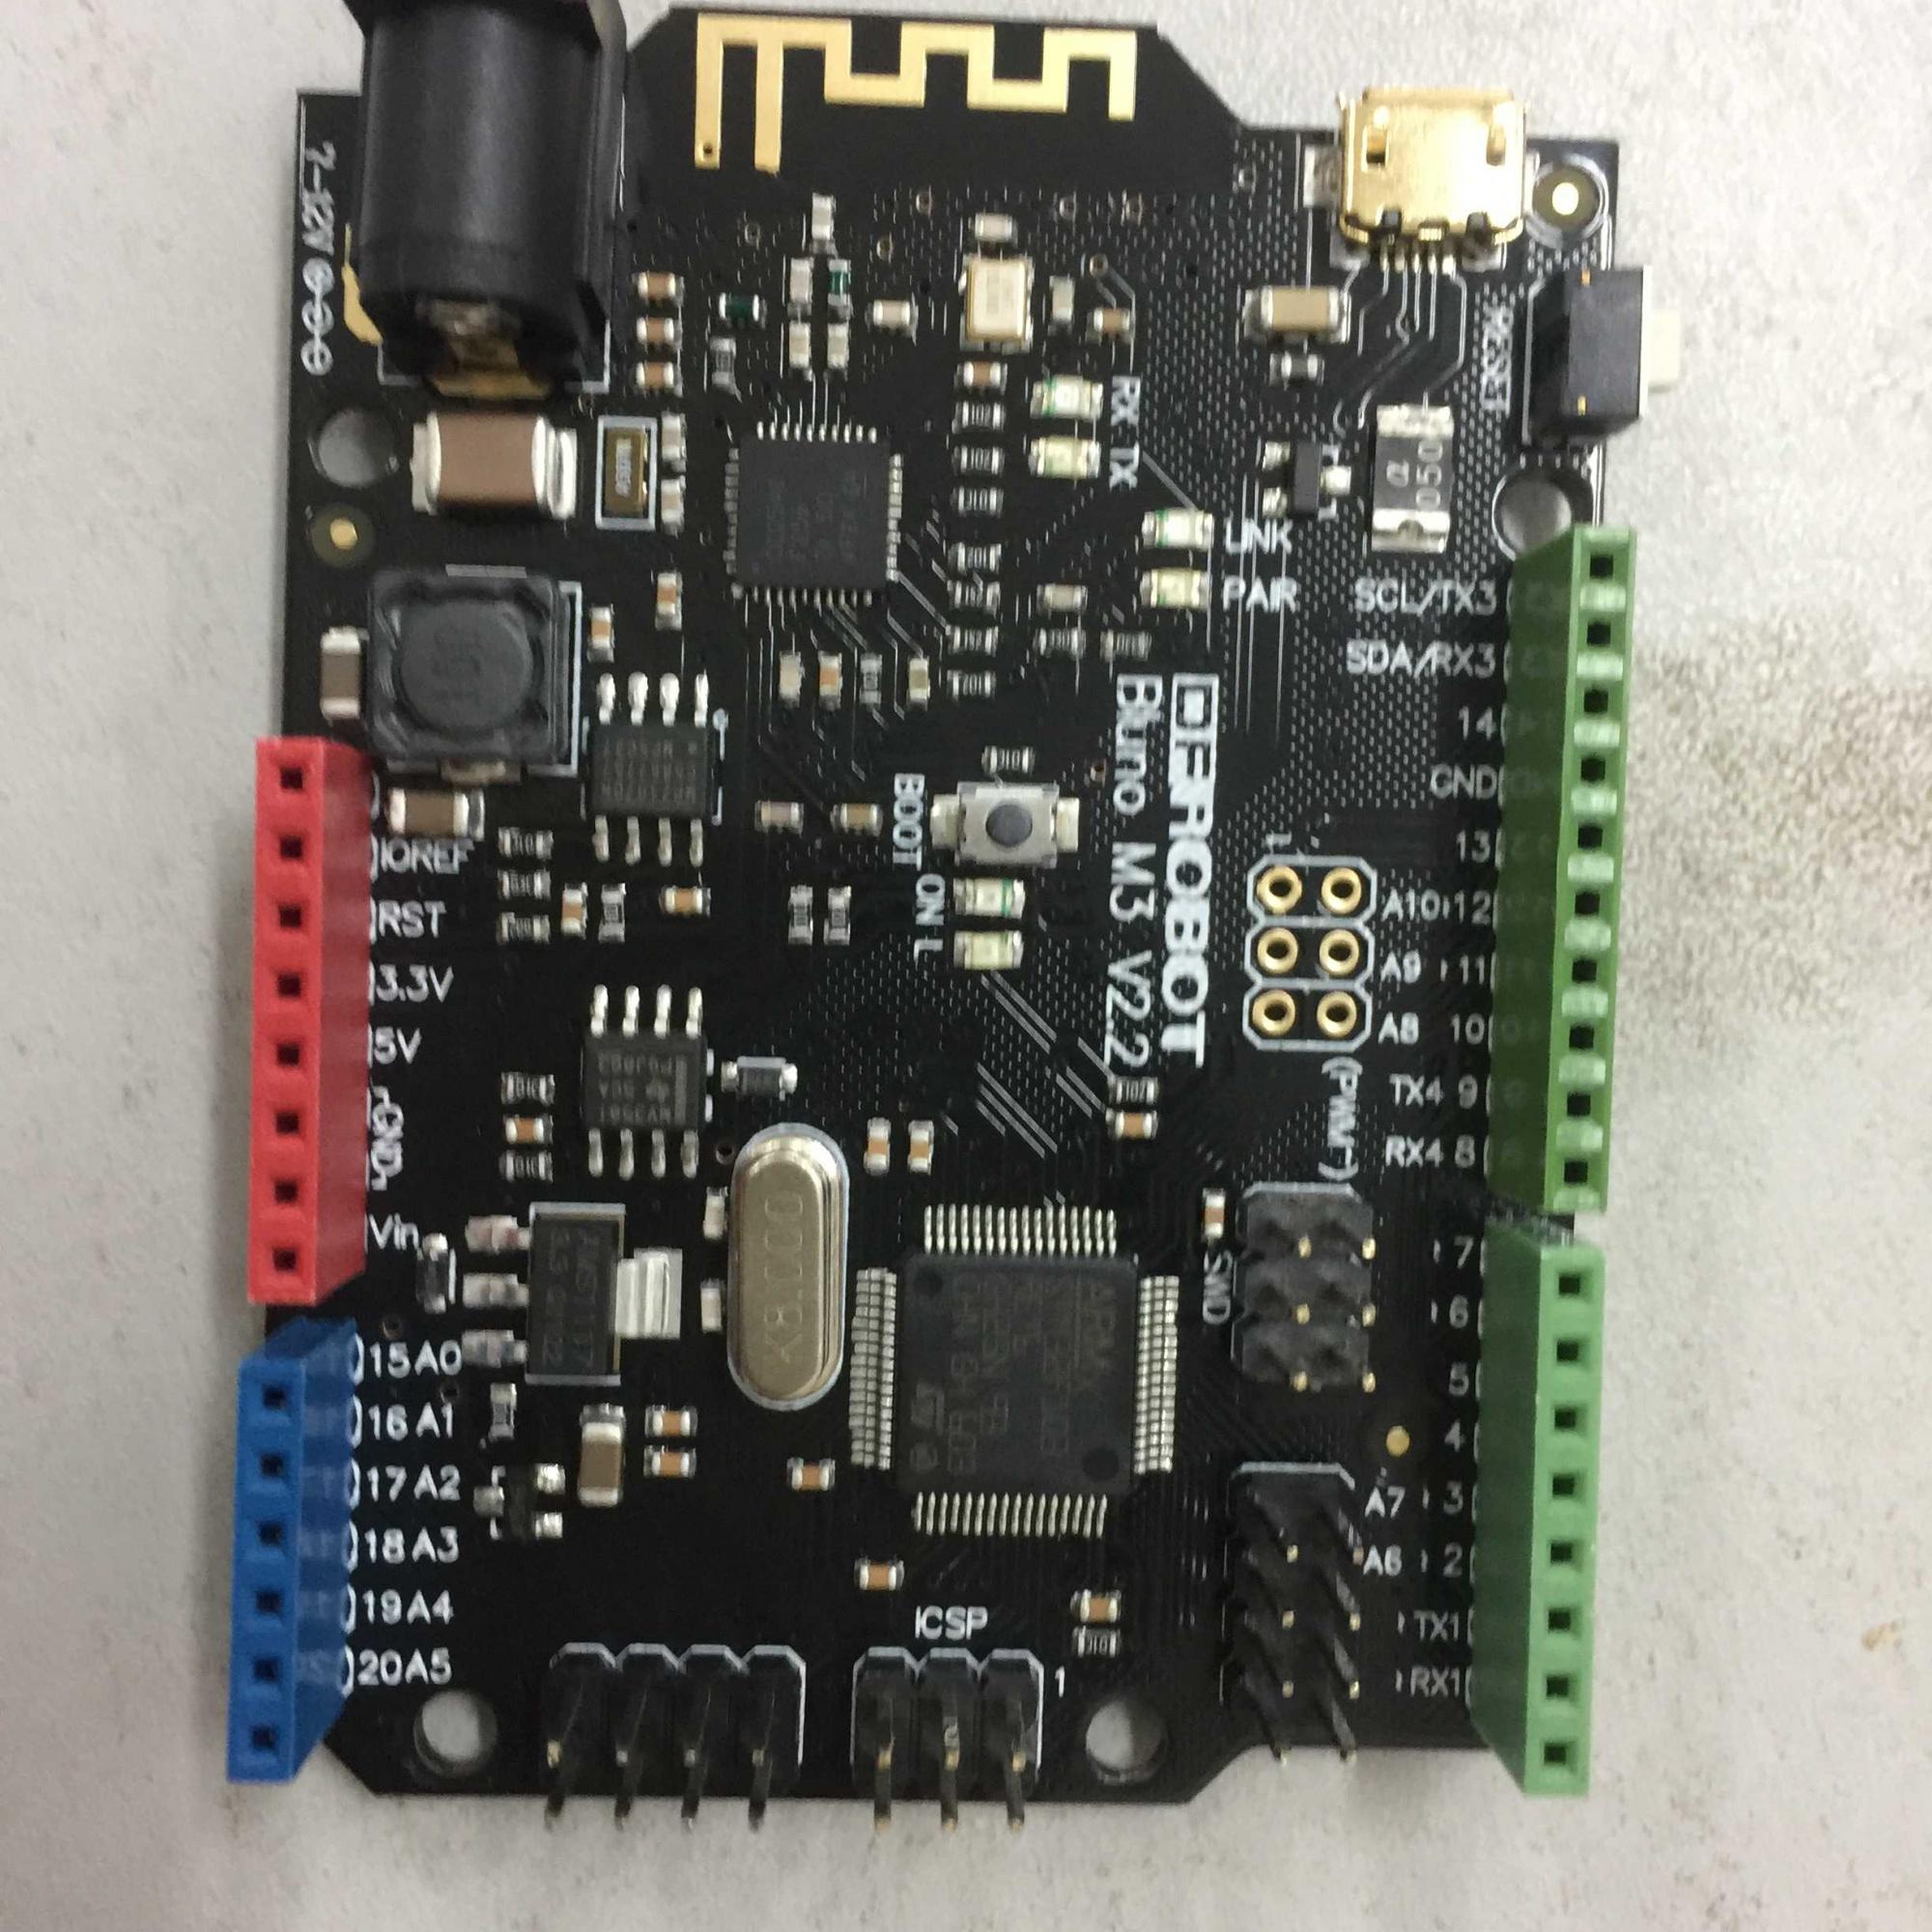 打开盒子,里面有块仿arduino 的stm32f103ret6加cc2540芯片组成的